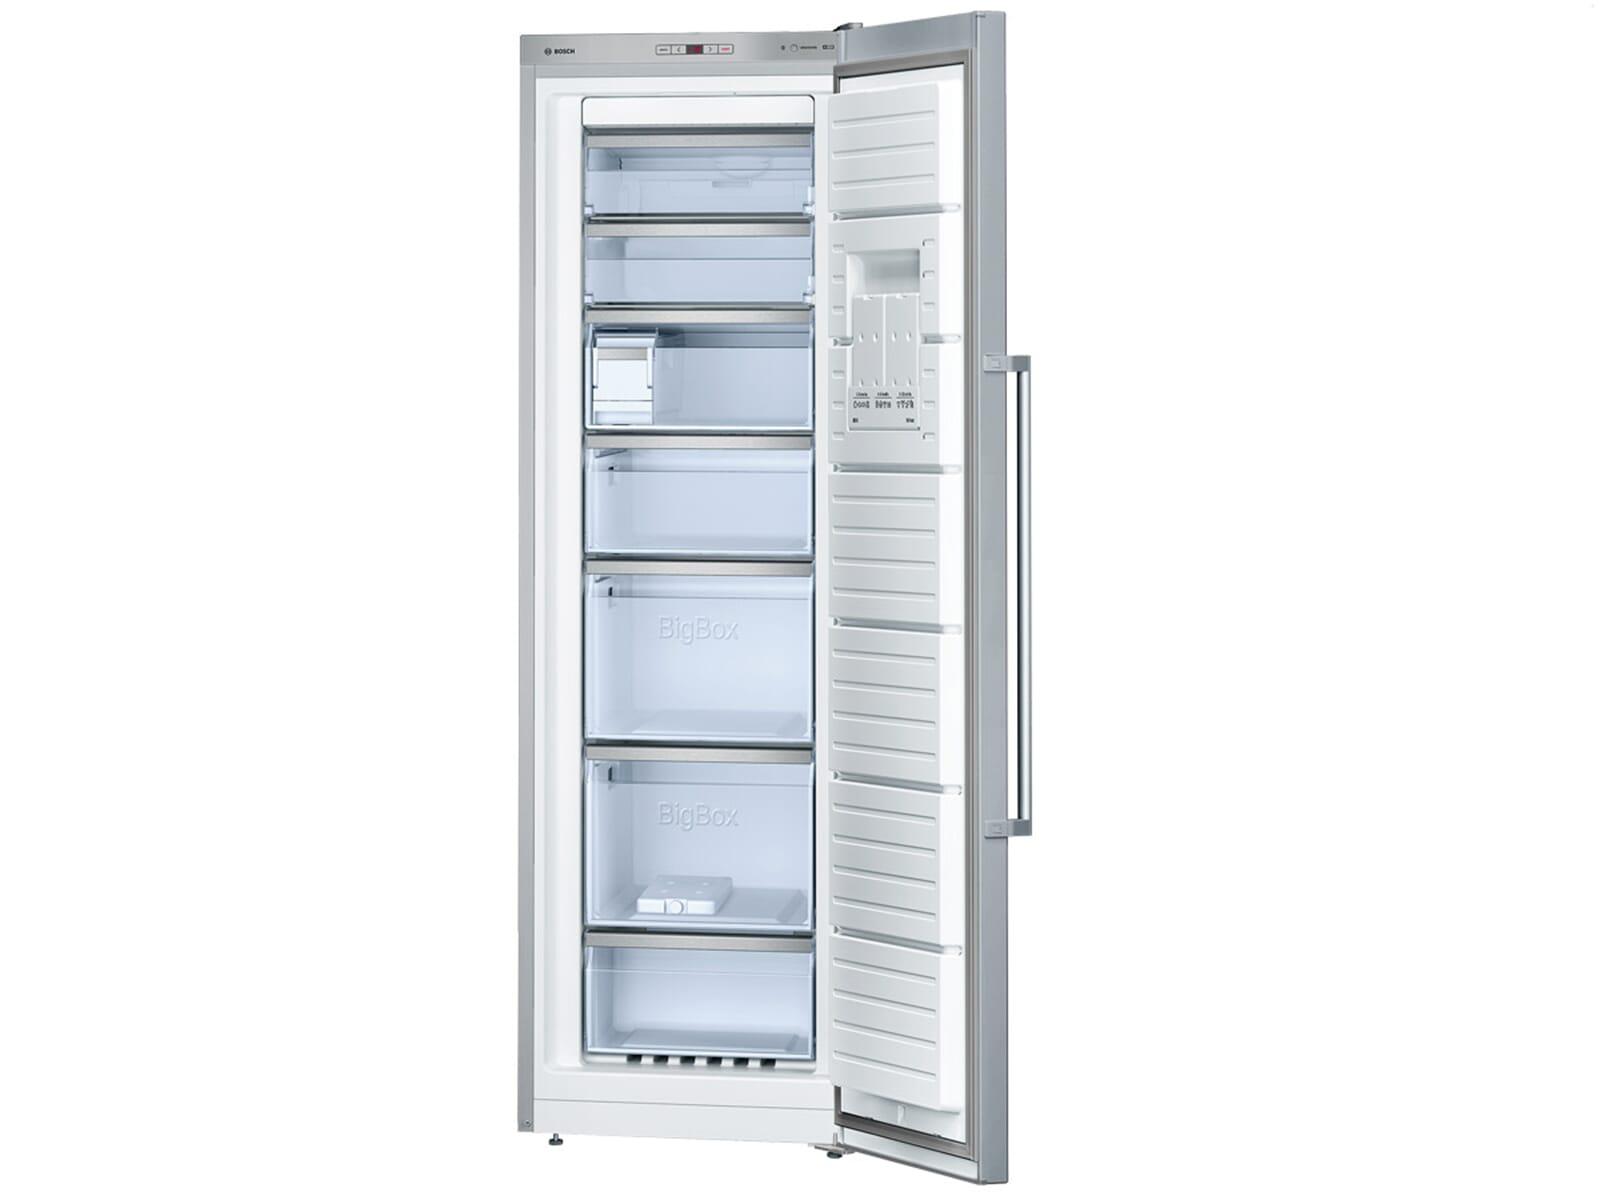 Kühlschrank Und Gefrierschrank Mit Eiswürfelspender Kuhlschrank